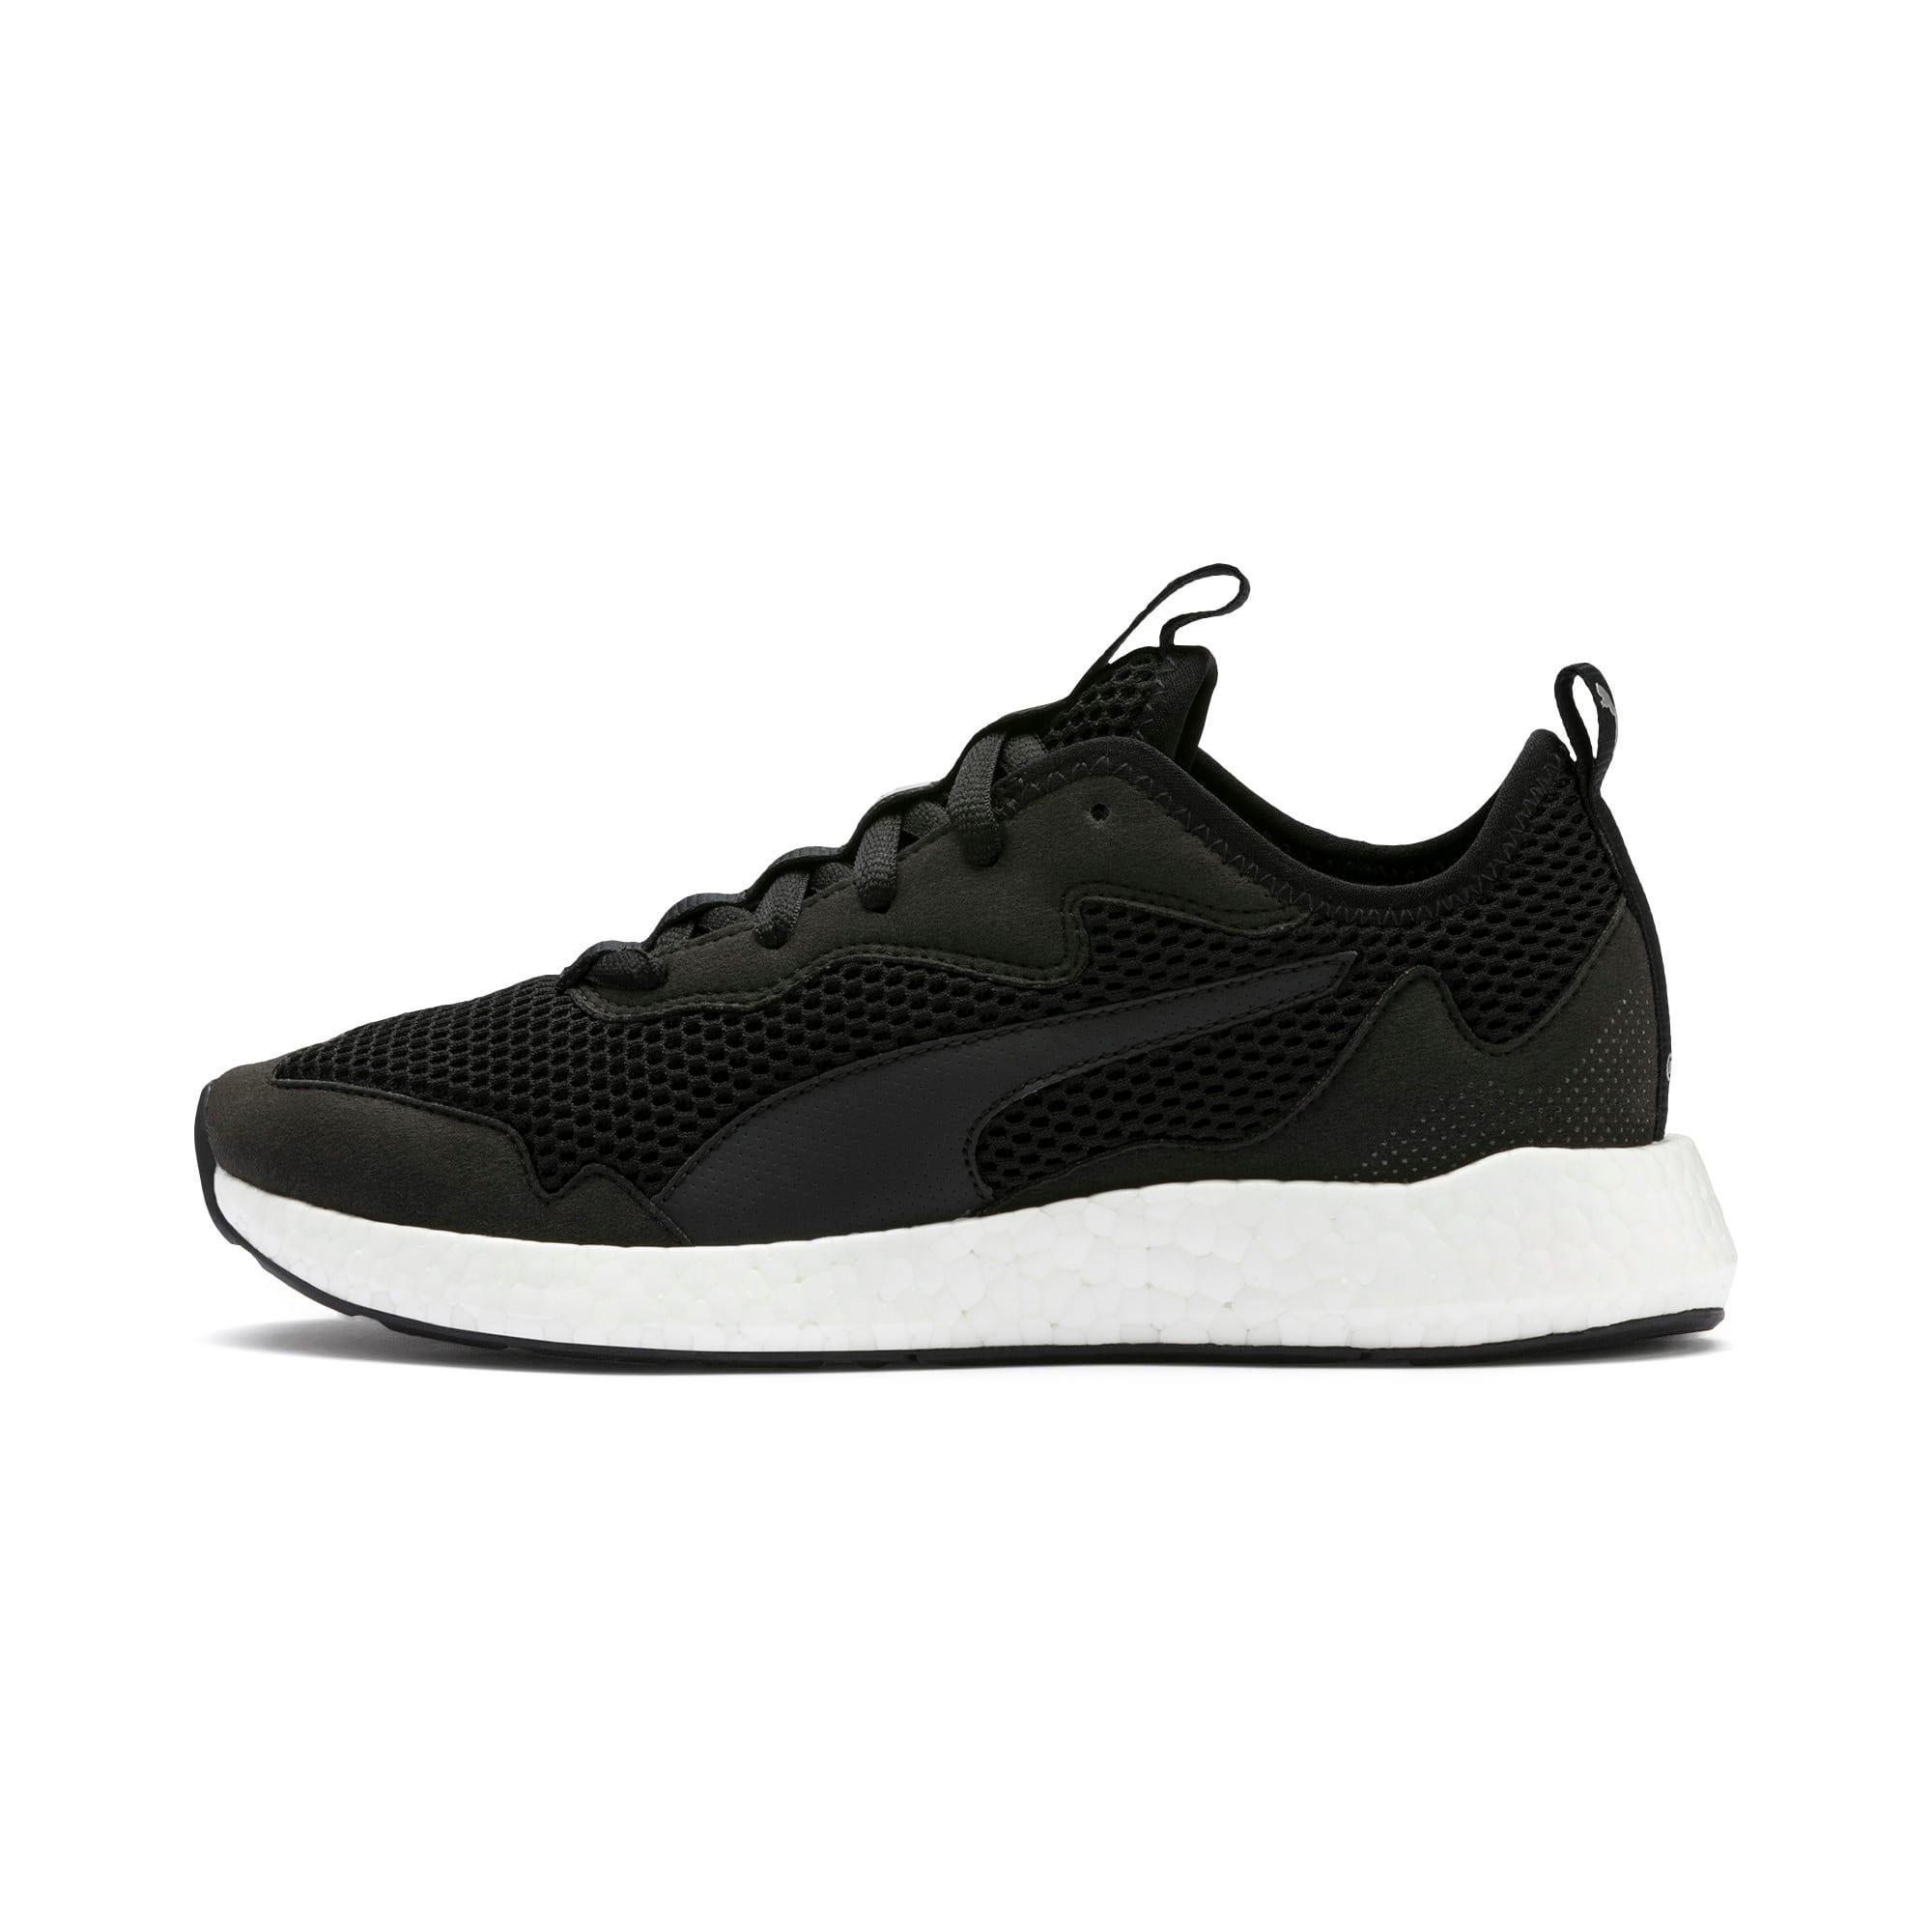 Miniatura 1 de Zapatos para correr NRGY Neko Skim para mujer, Puma Black-Puma Silver, mediano